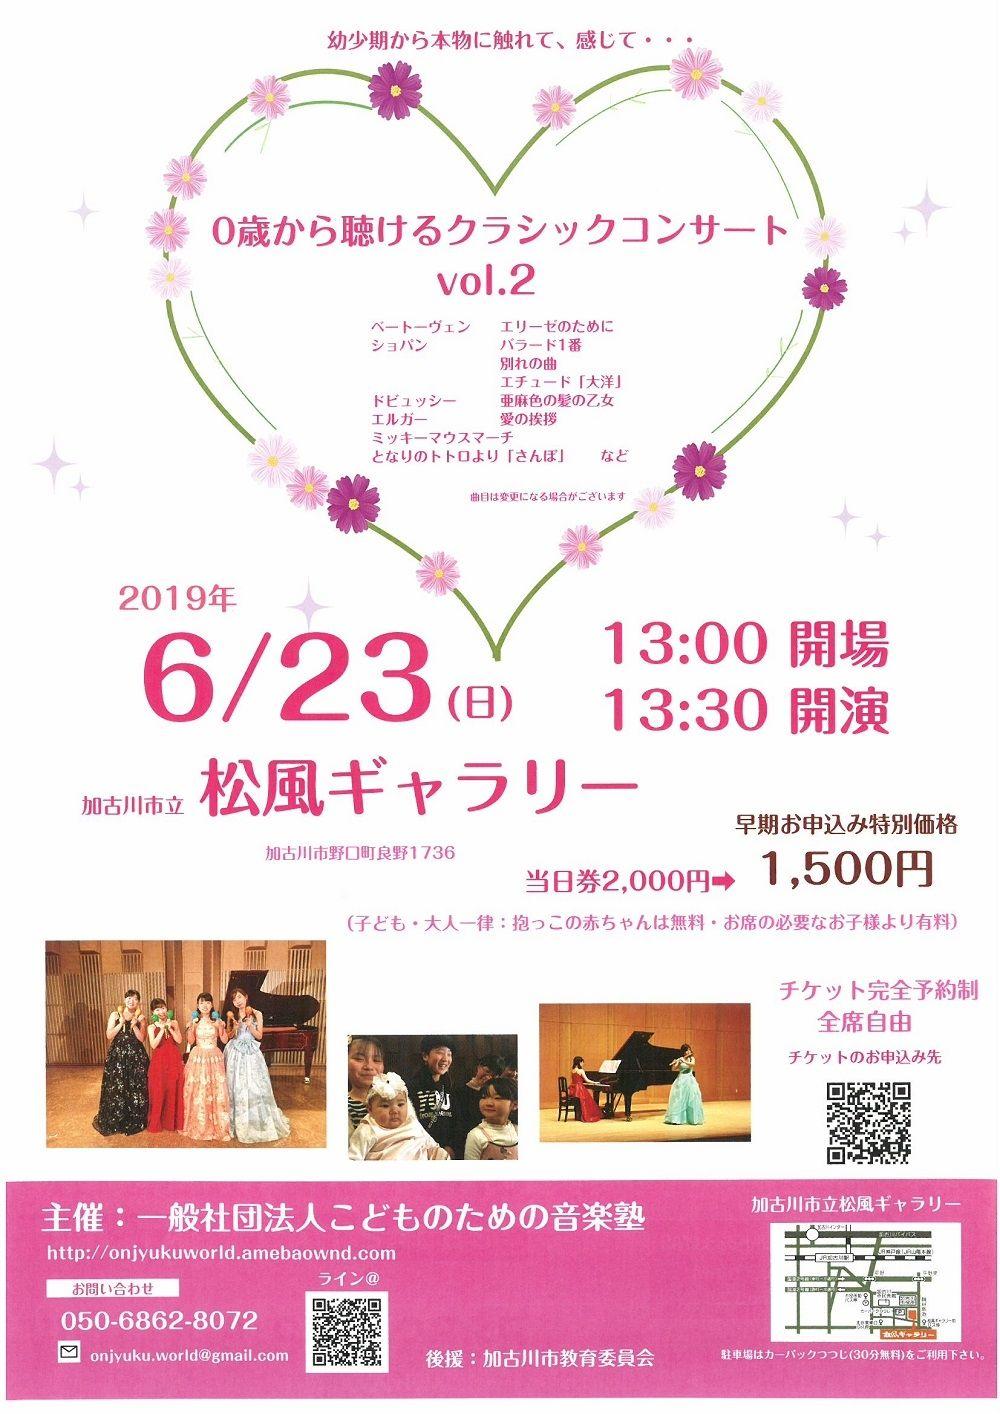 0歳から聴けるクラシックコンサートvol.2 加古川市立松風ギャラリーで開催されます!